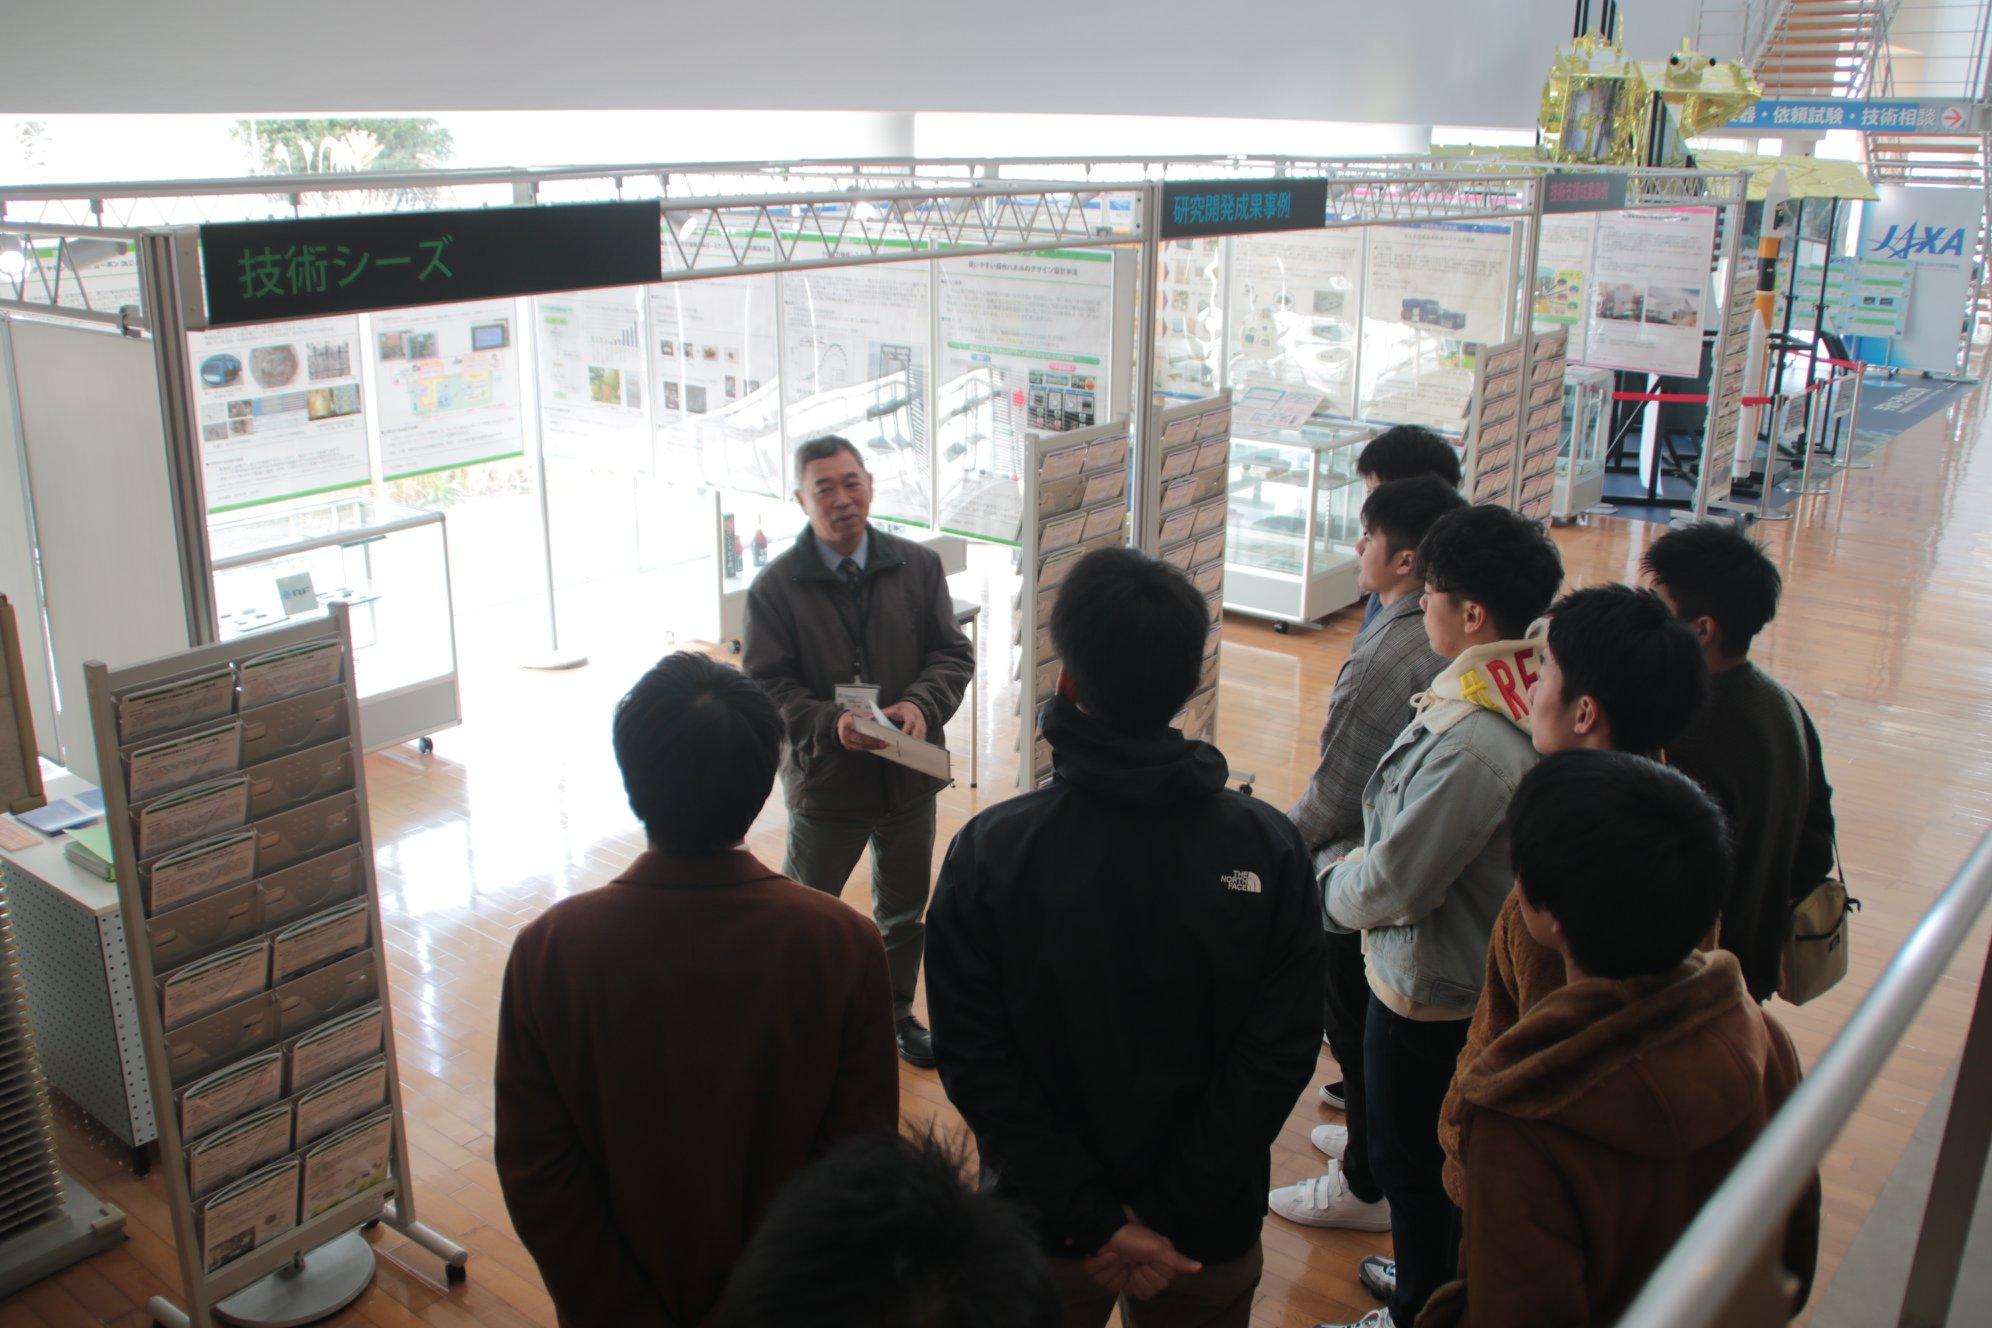 2019年1月16日(水) 「山口県産業技術センター」の施設見学を行いました!